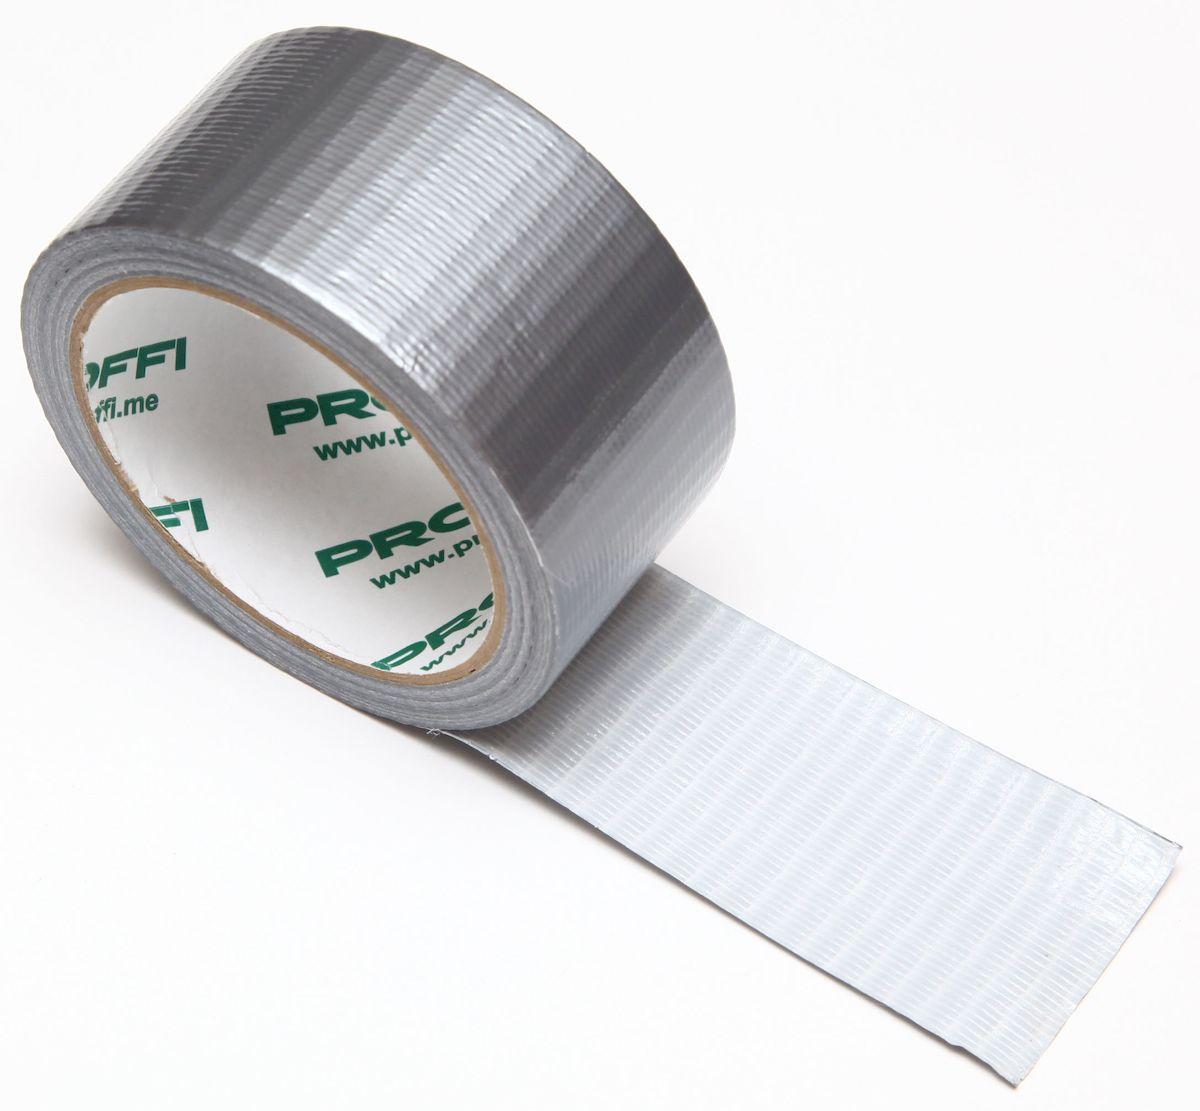 Лента алюминиевая Proffi, самоклеящаяся, 48 мм х 40 мPH7213Лента алюминиевая самоклеящаяся 20 микрон 48 мм х 40мАдгезия к стали - 8 Н/см, Липкость - 9 Н/см, Температура применения - +5 …+55 (±5) °С, Температура эксплуатации - -40…+ 70 (±5) °С